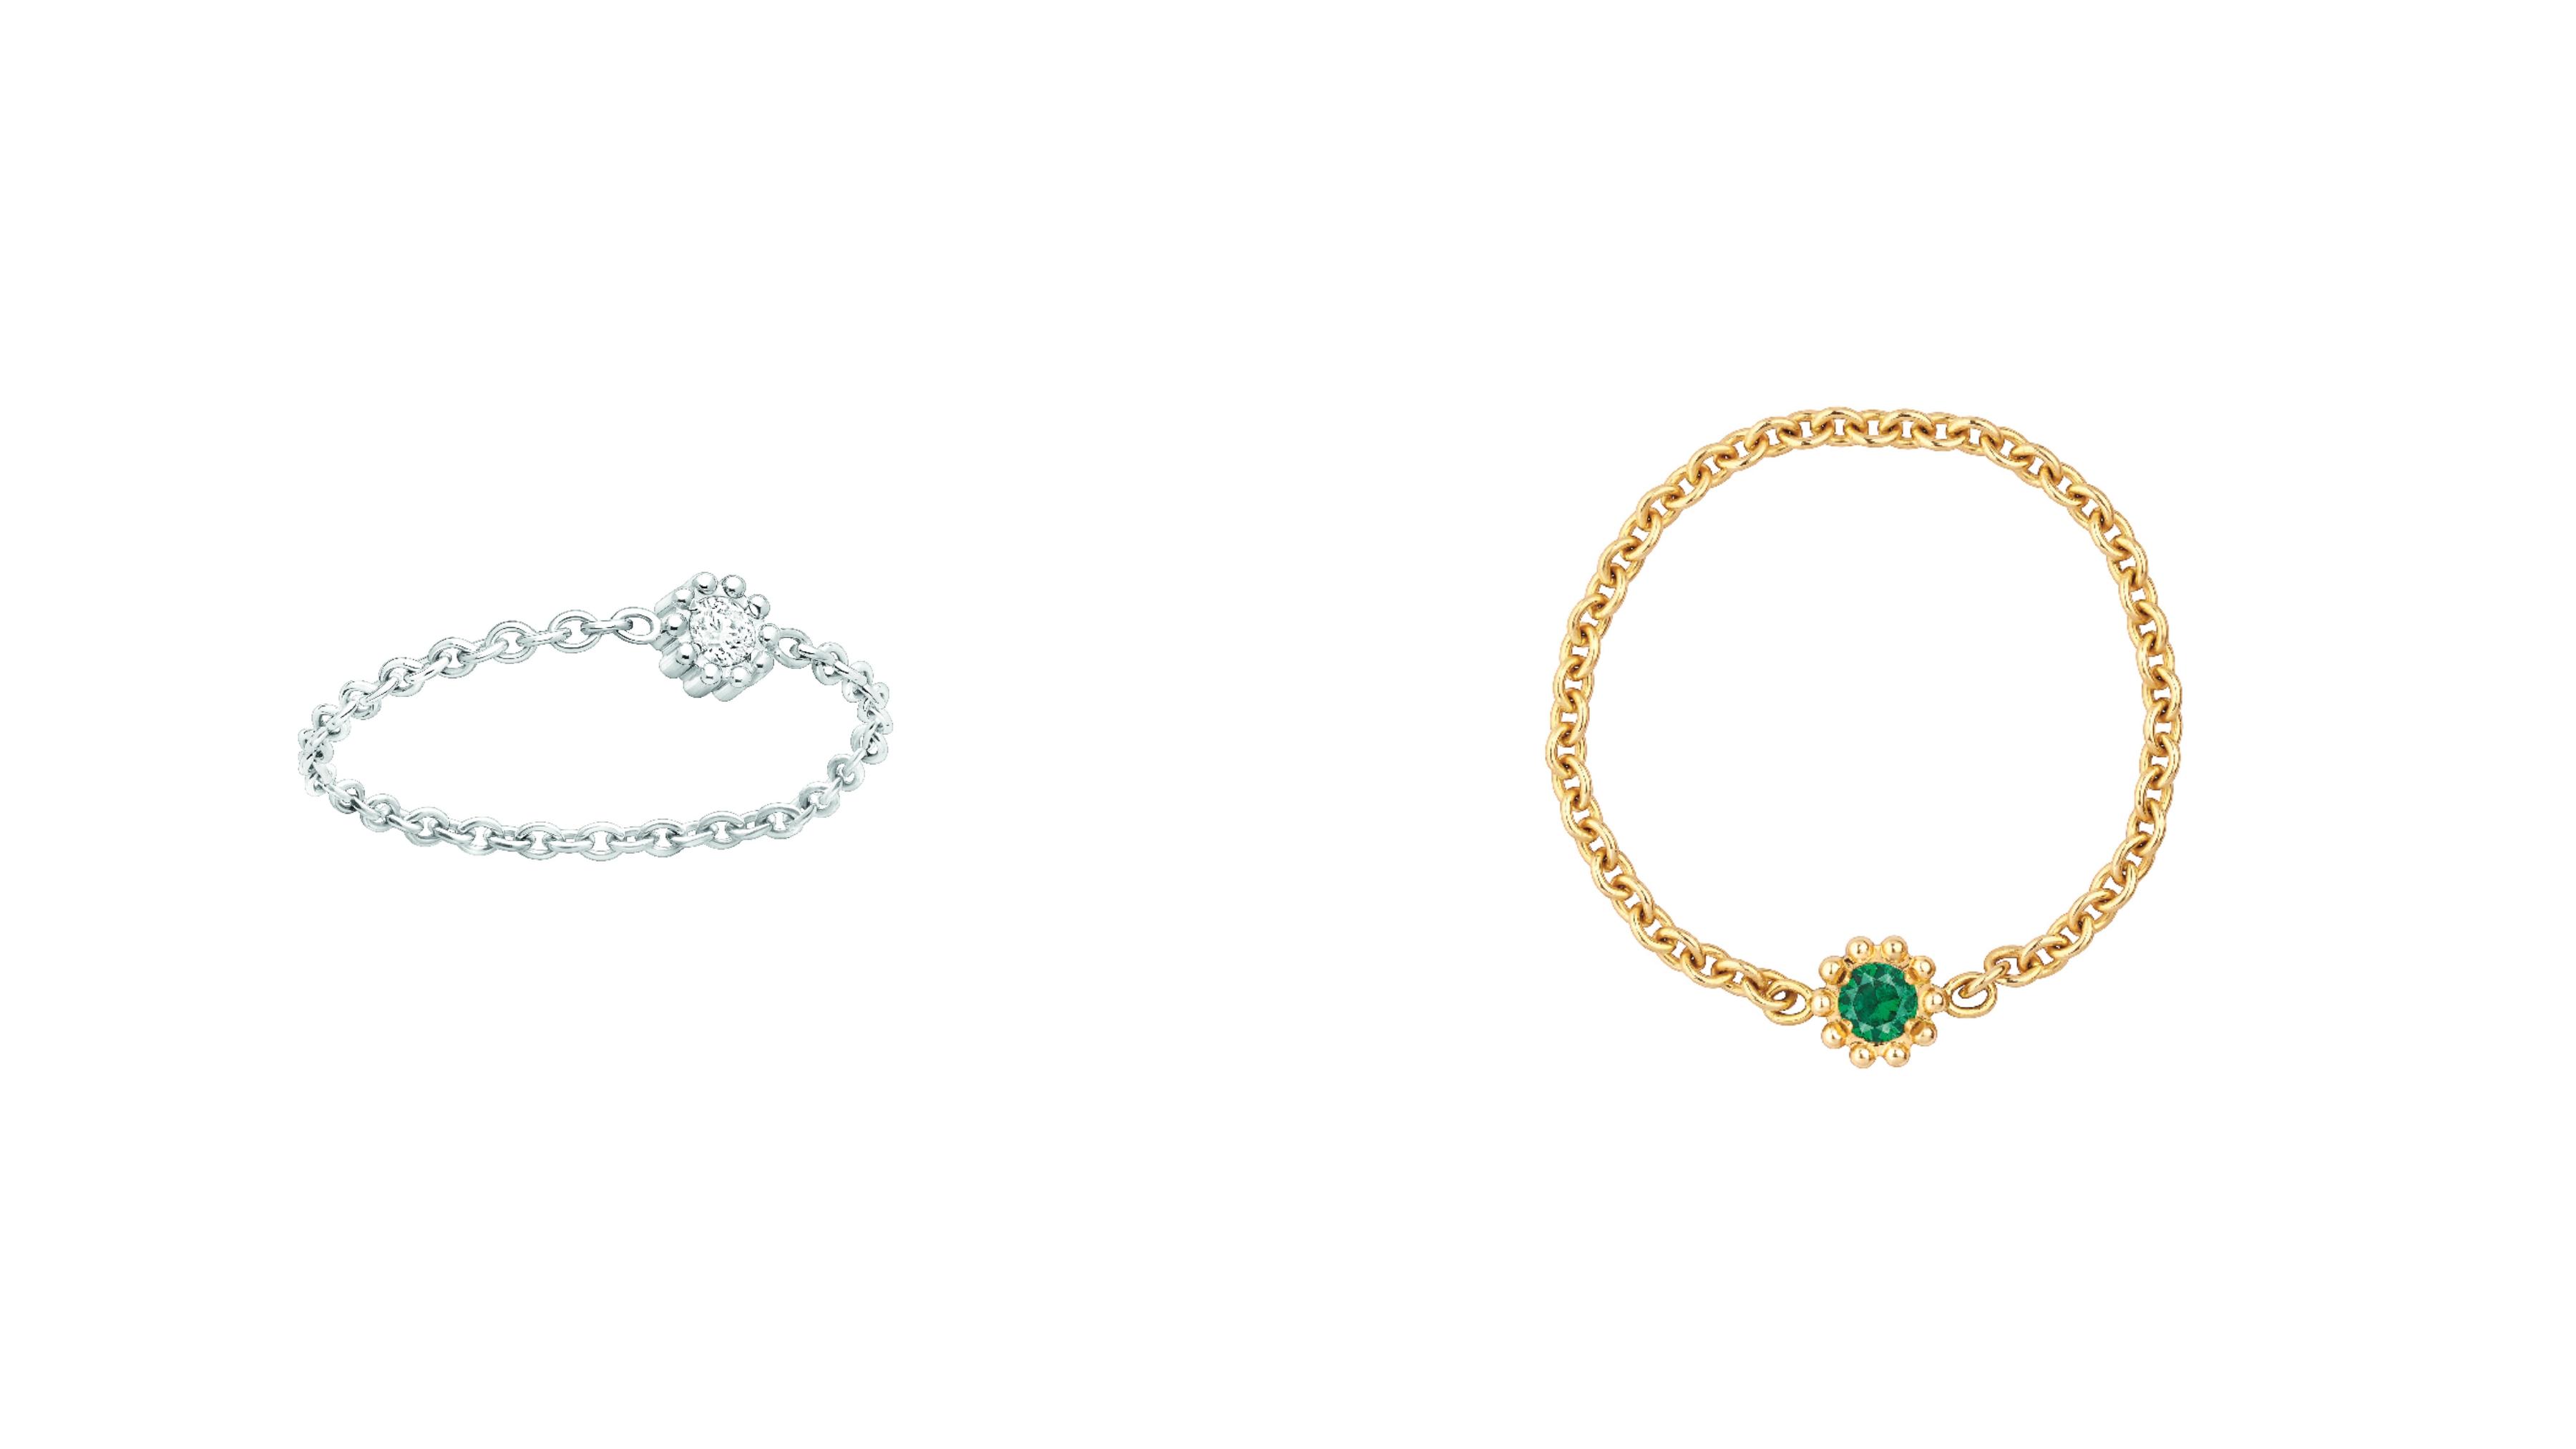 這系列為dior超微型珠寶的代表,Victoire de Castellane在Dior珠寶20周年之際的全新作品